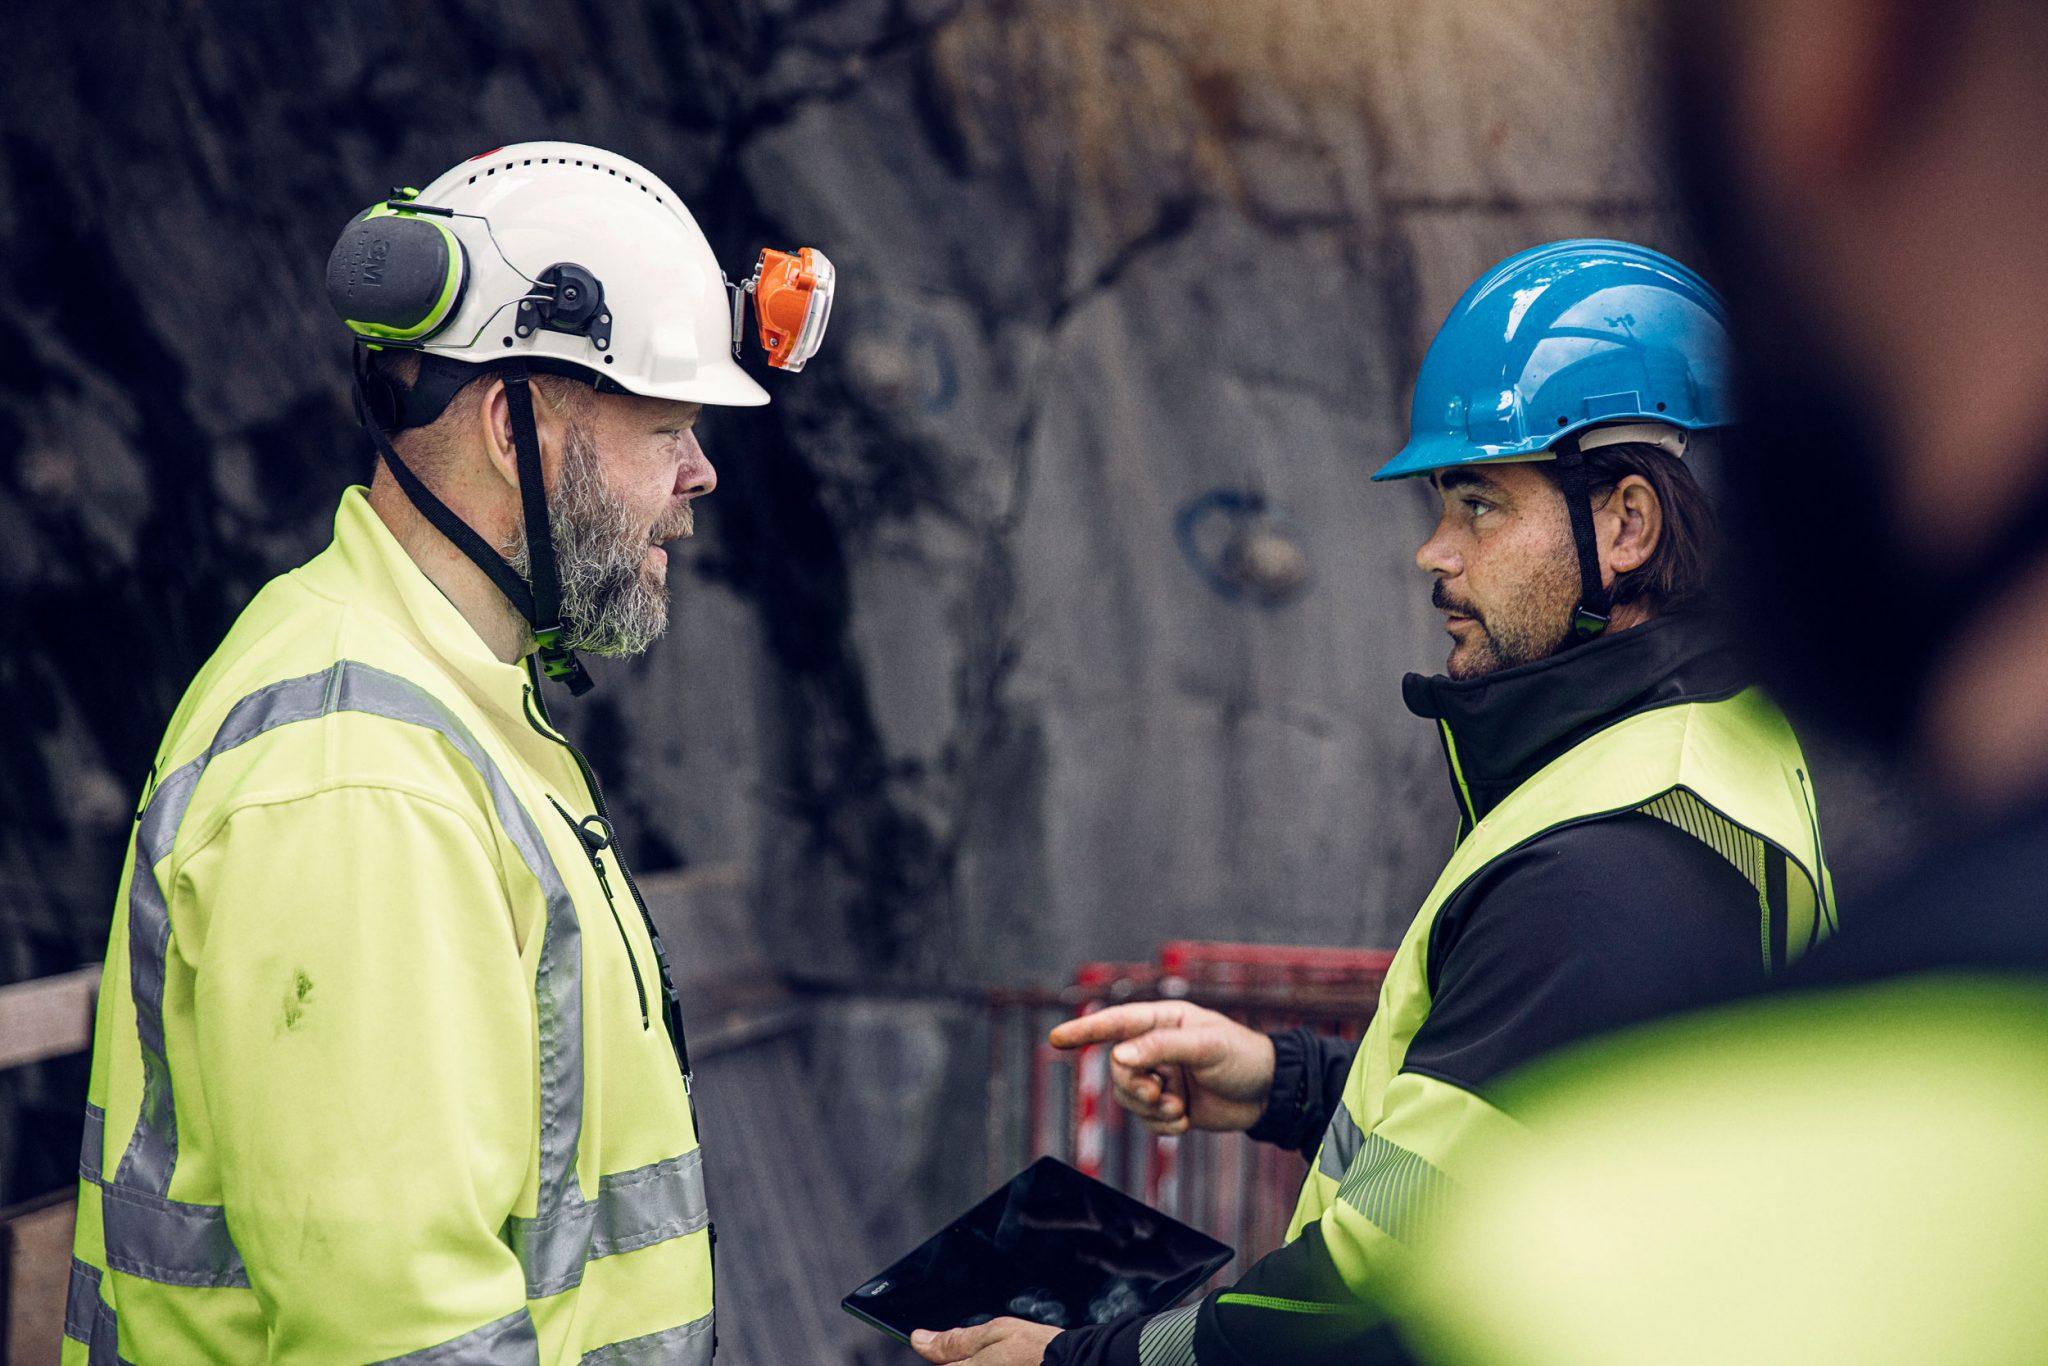 Mottagningskontroller med BuildSafe